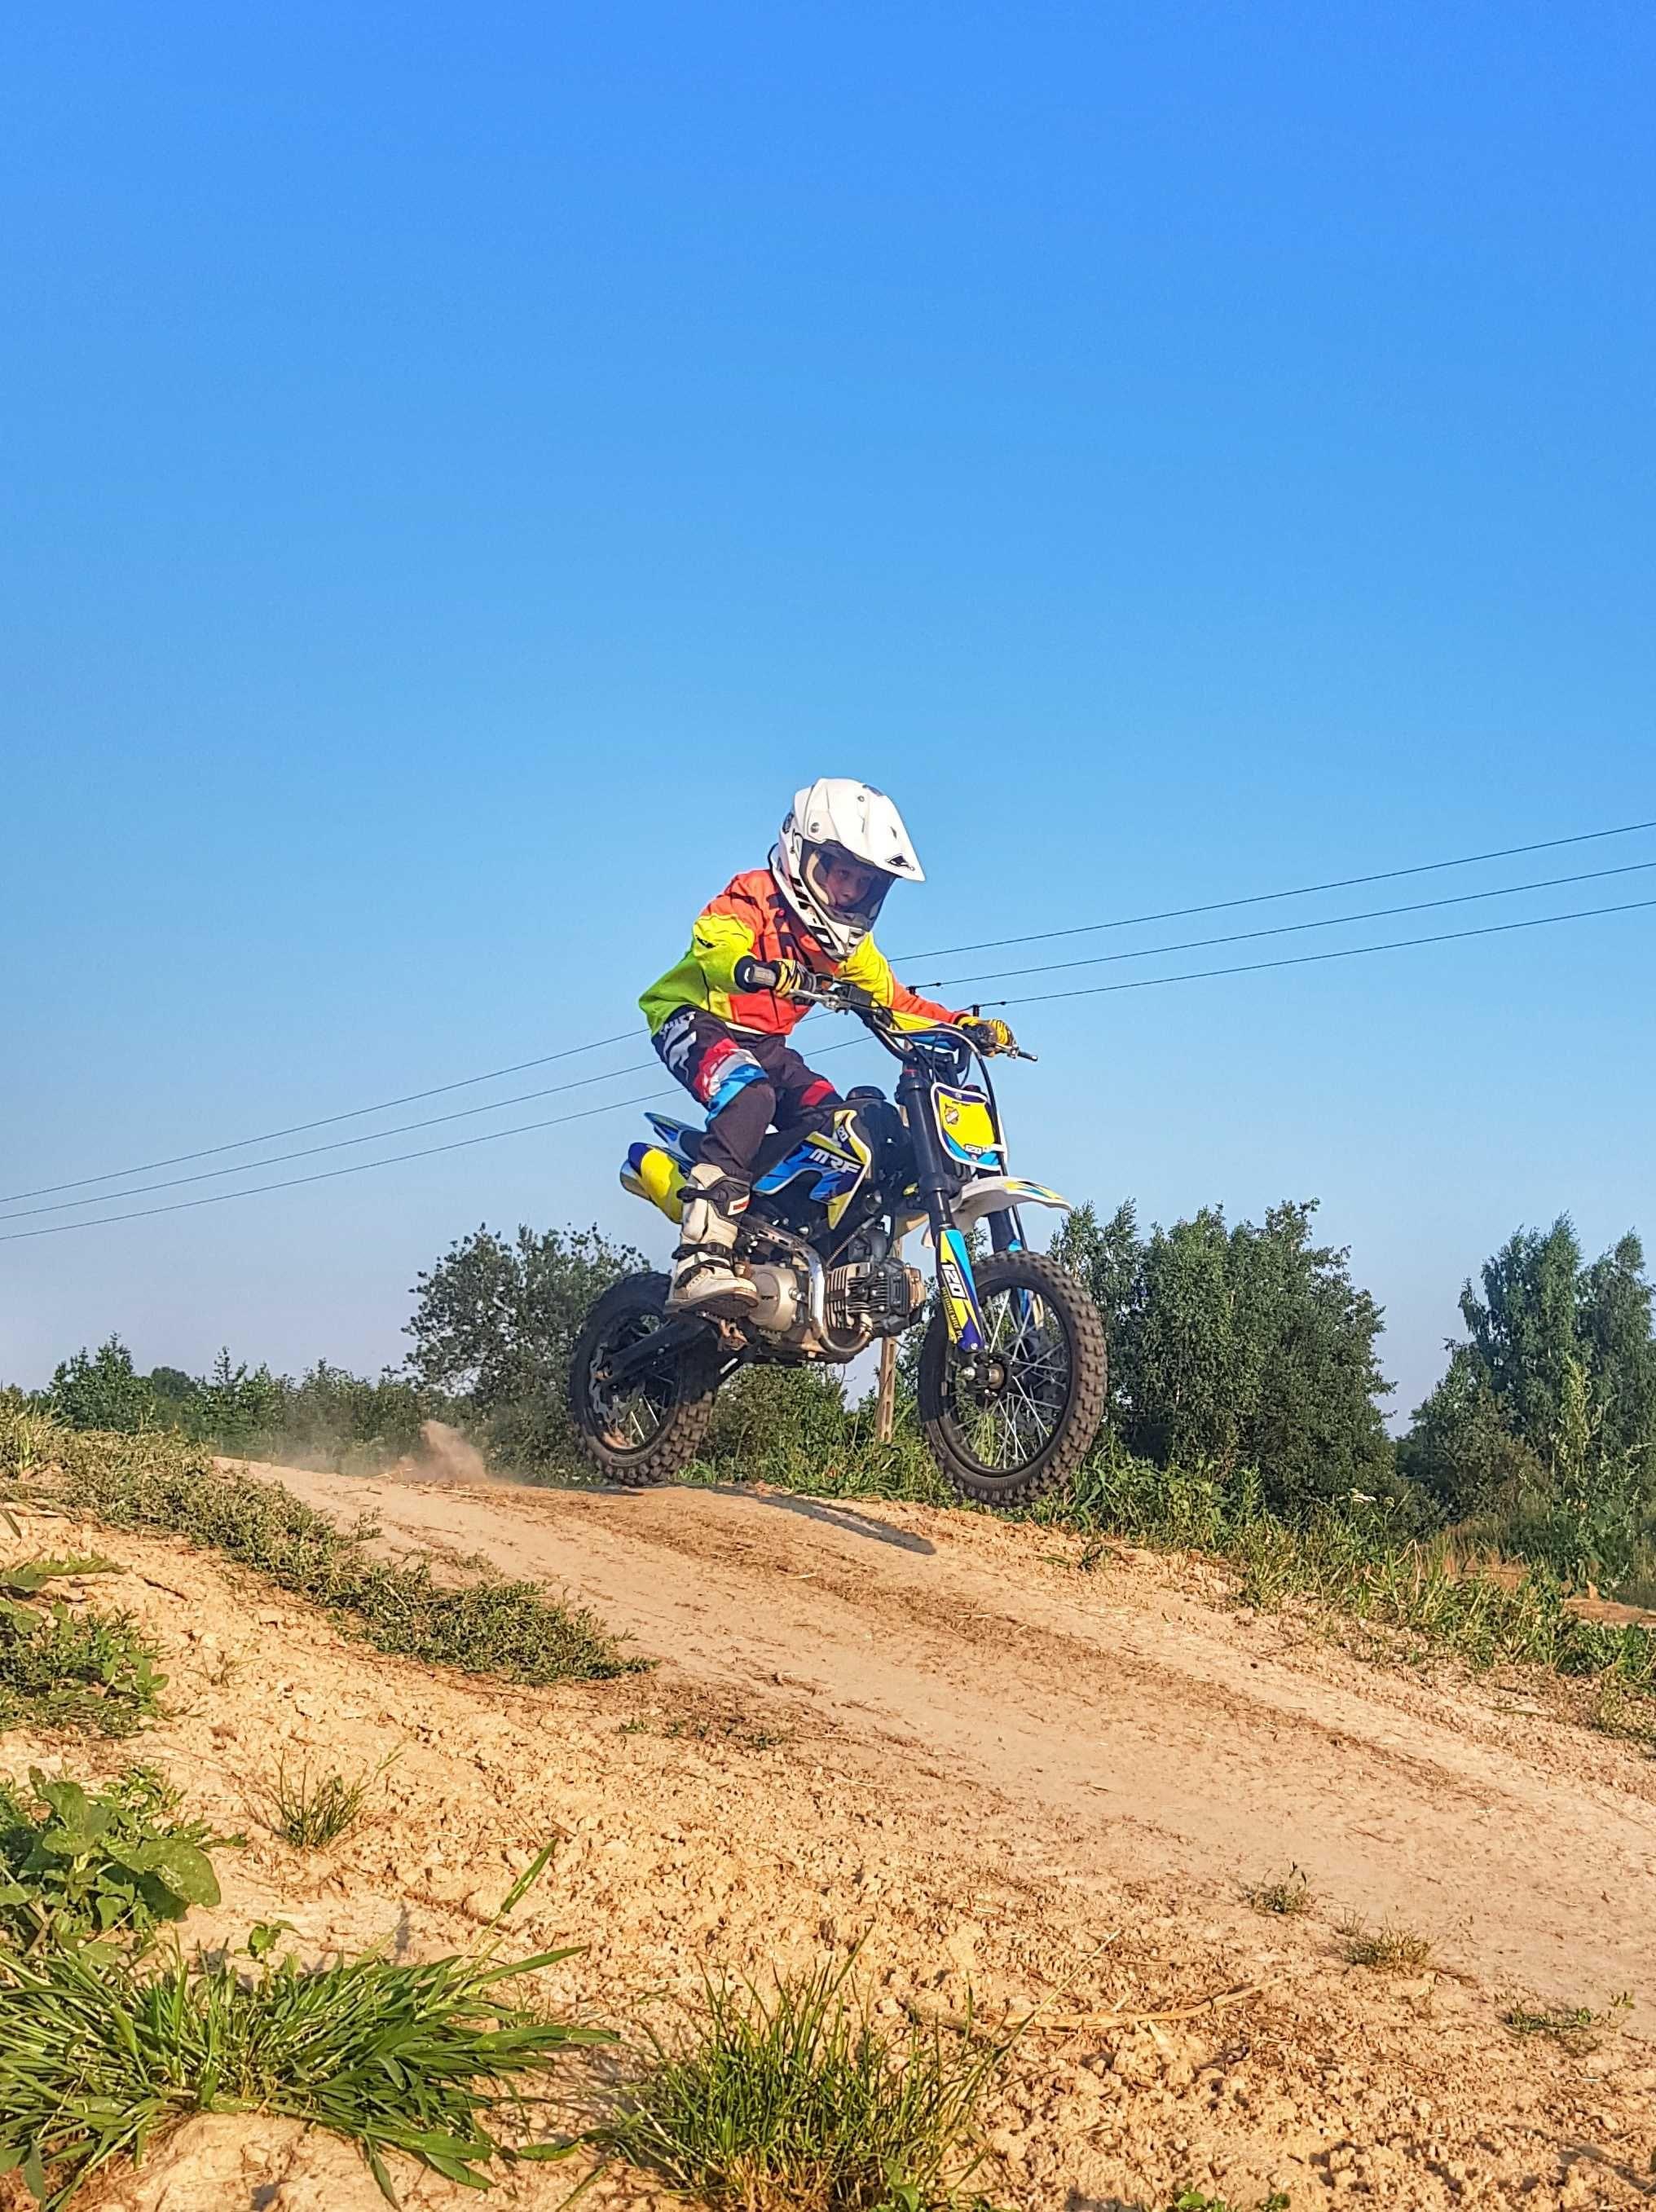 Wynajem - Jazda Pitbike MRF 120 - Inne motocykle - Lublin